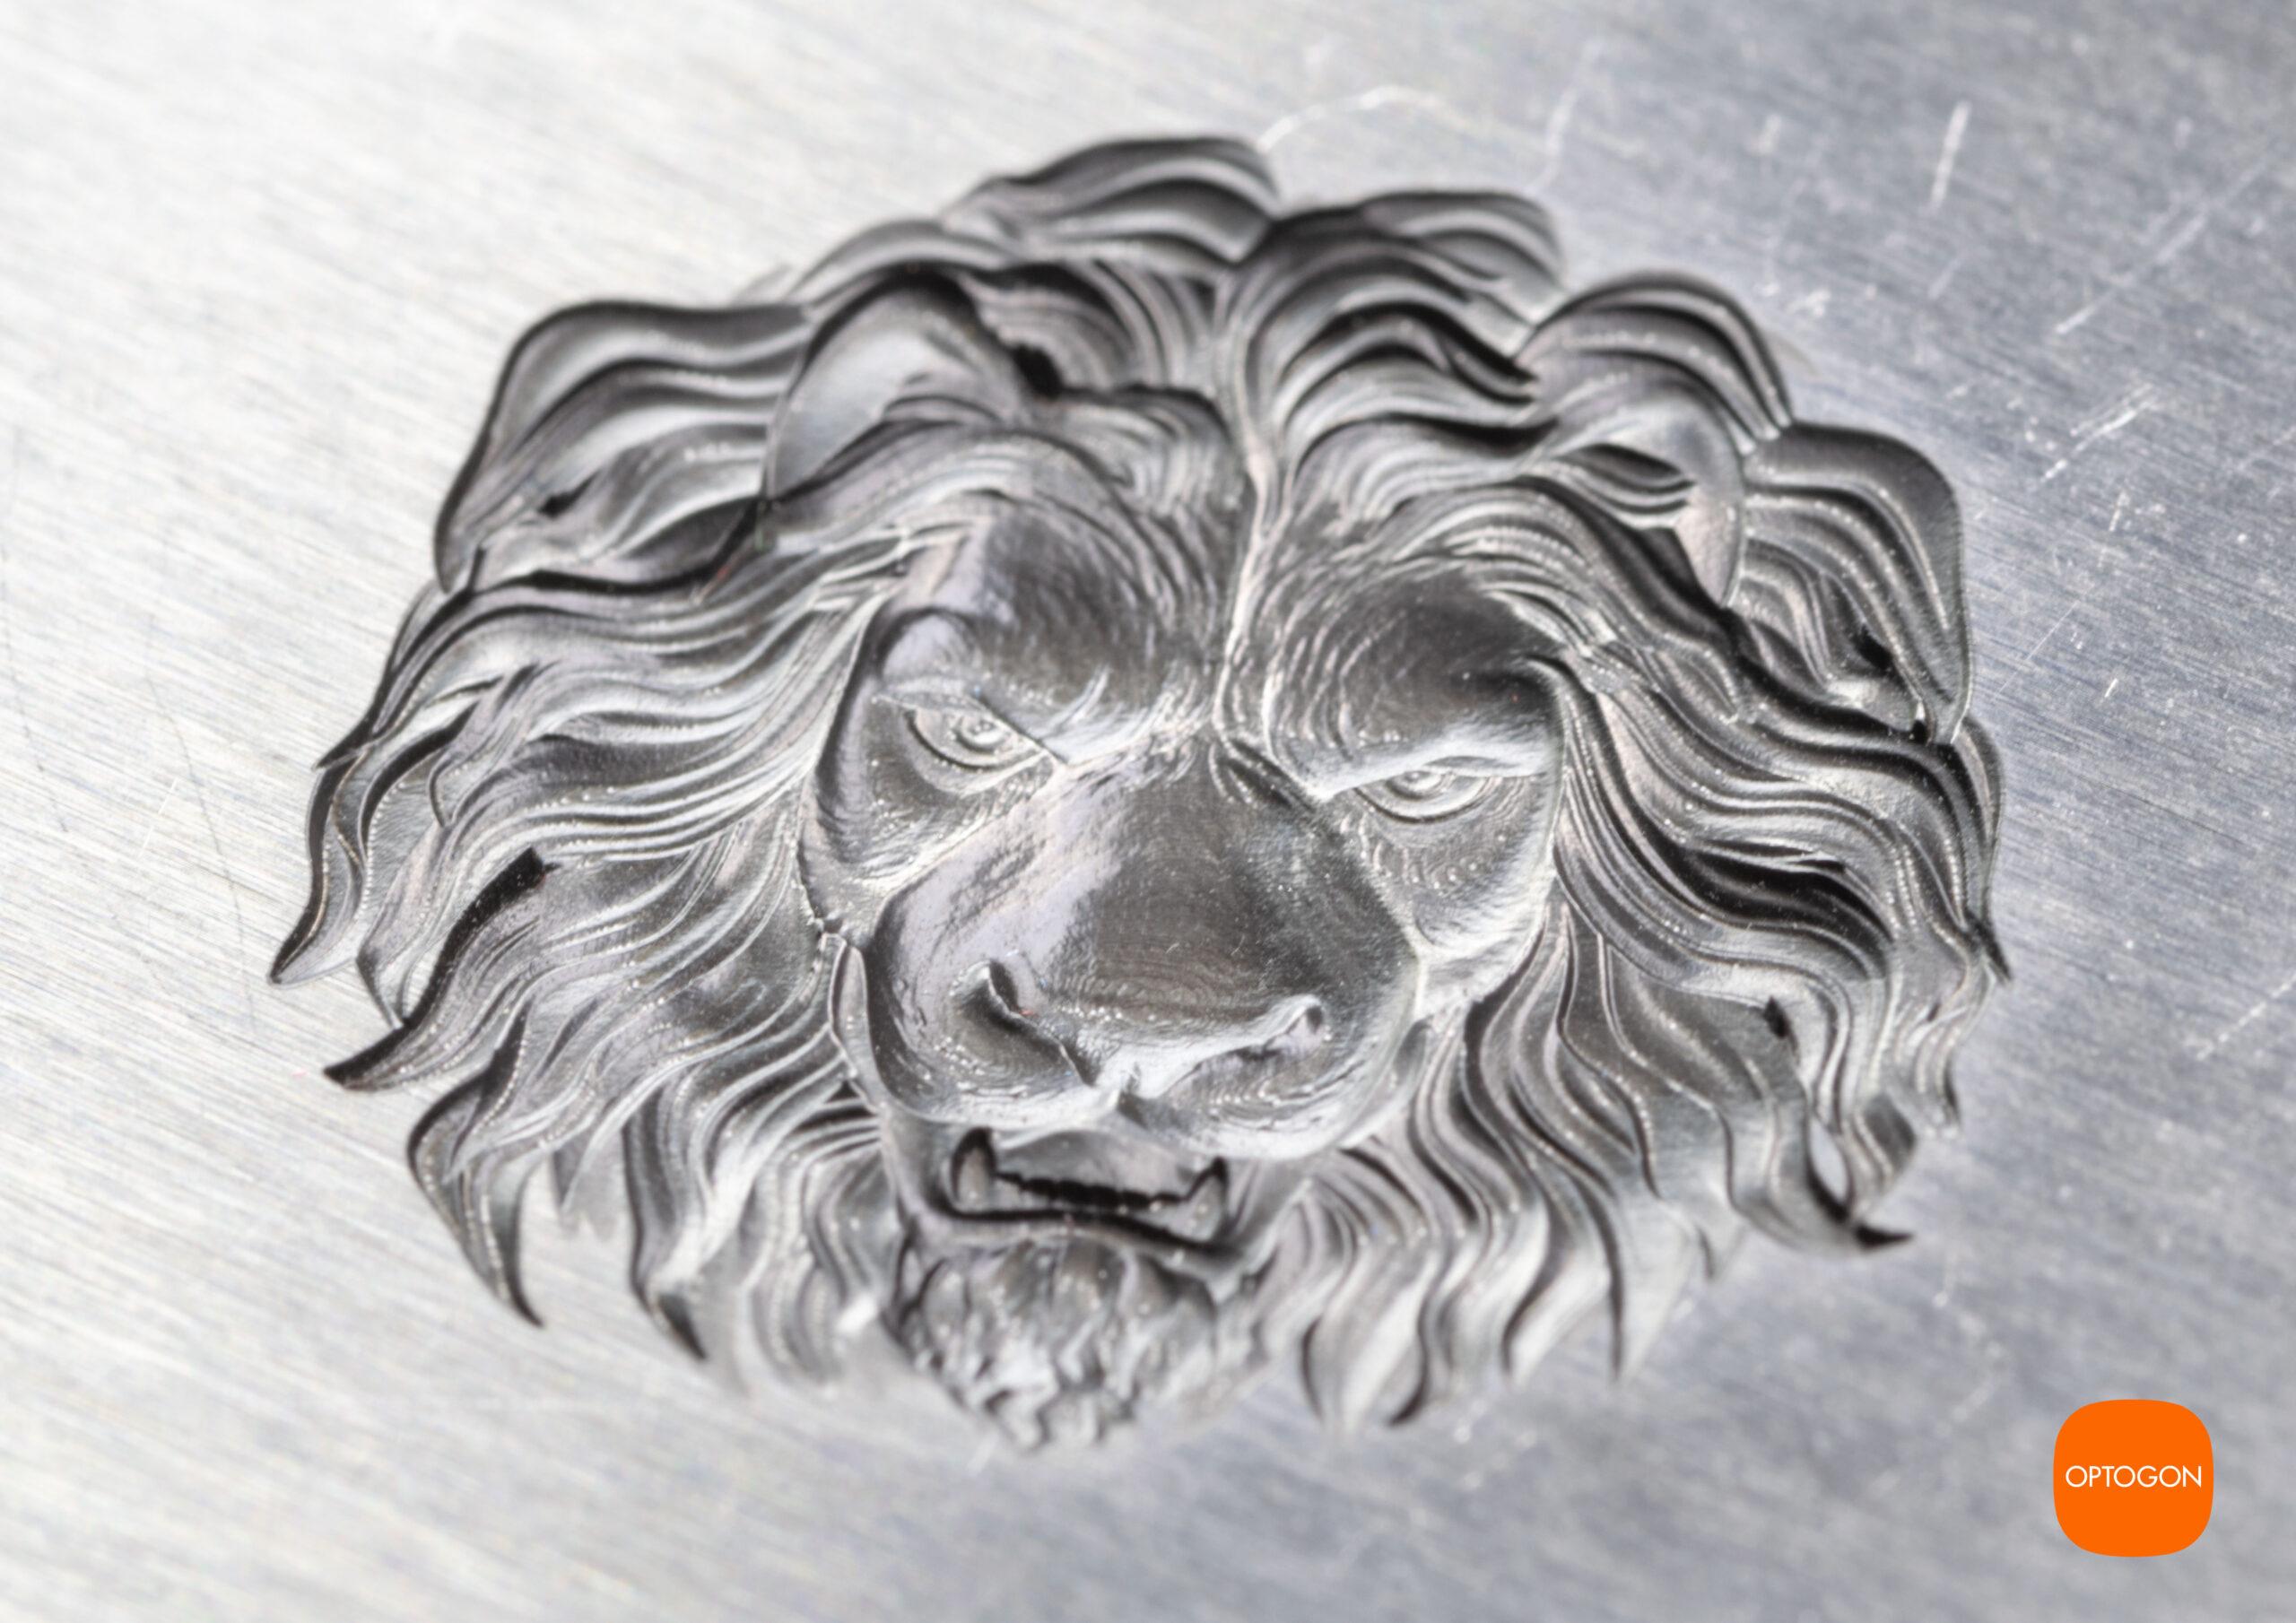 Hochpräzise Makrolasergravur von OPTOGON. Ein Löwenkopf mit vielen Details.